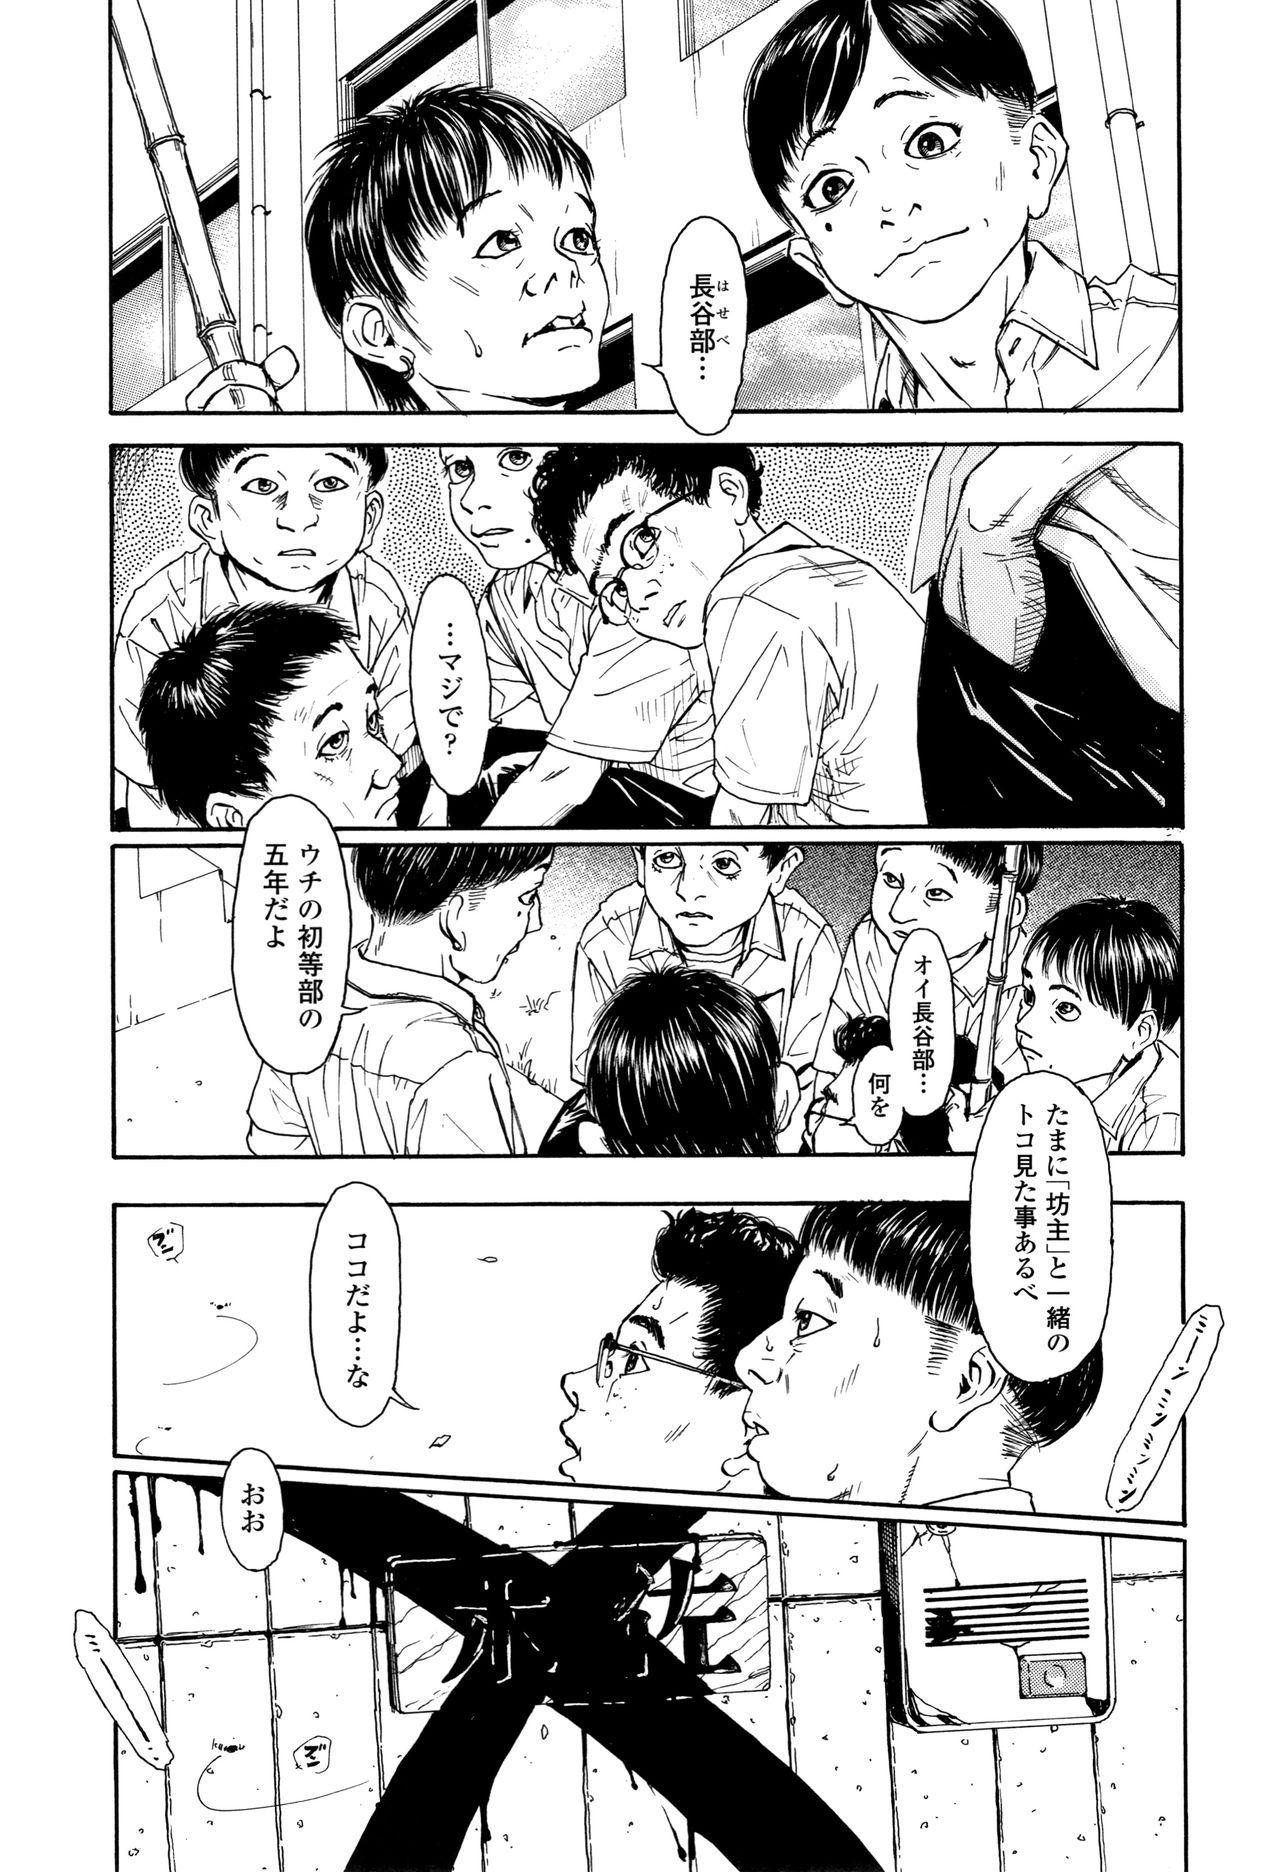 Chiisai Karada ni Shiroi Kage 73